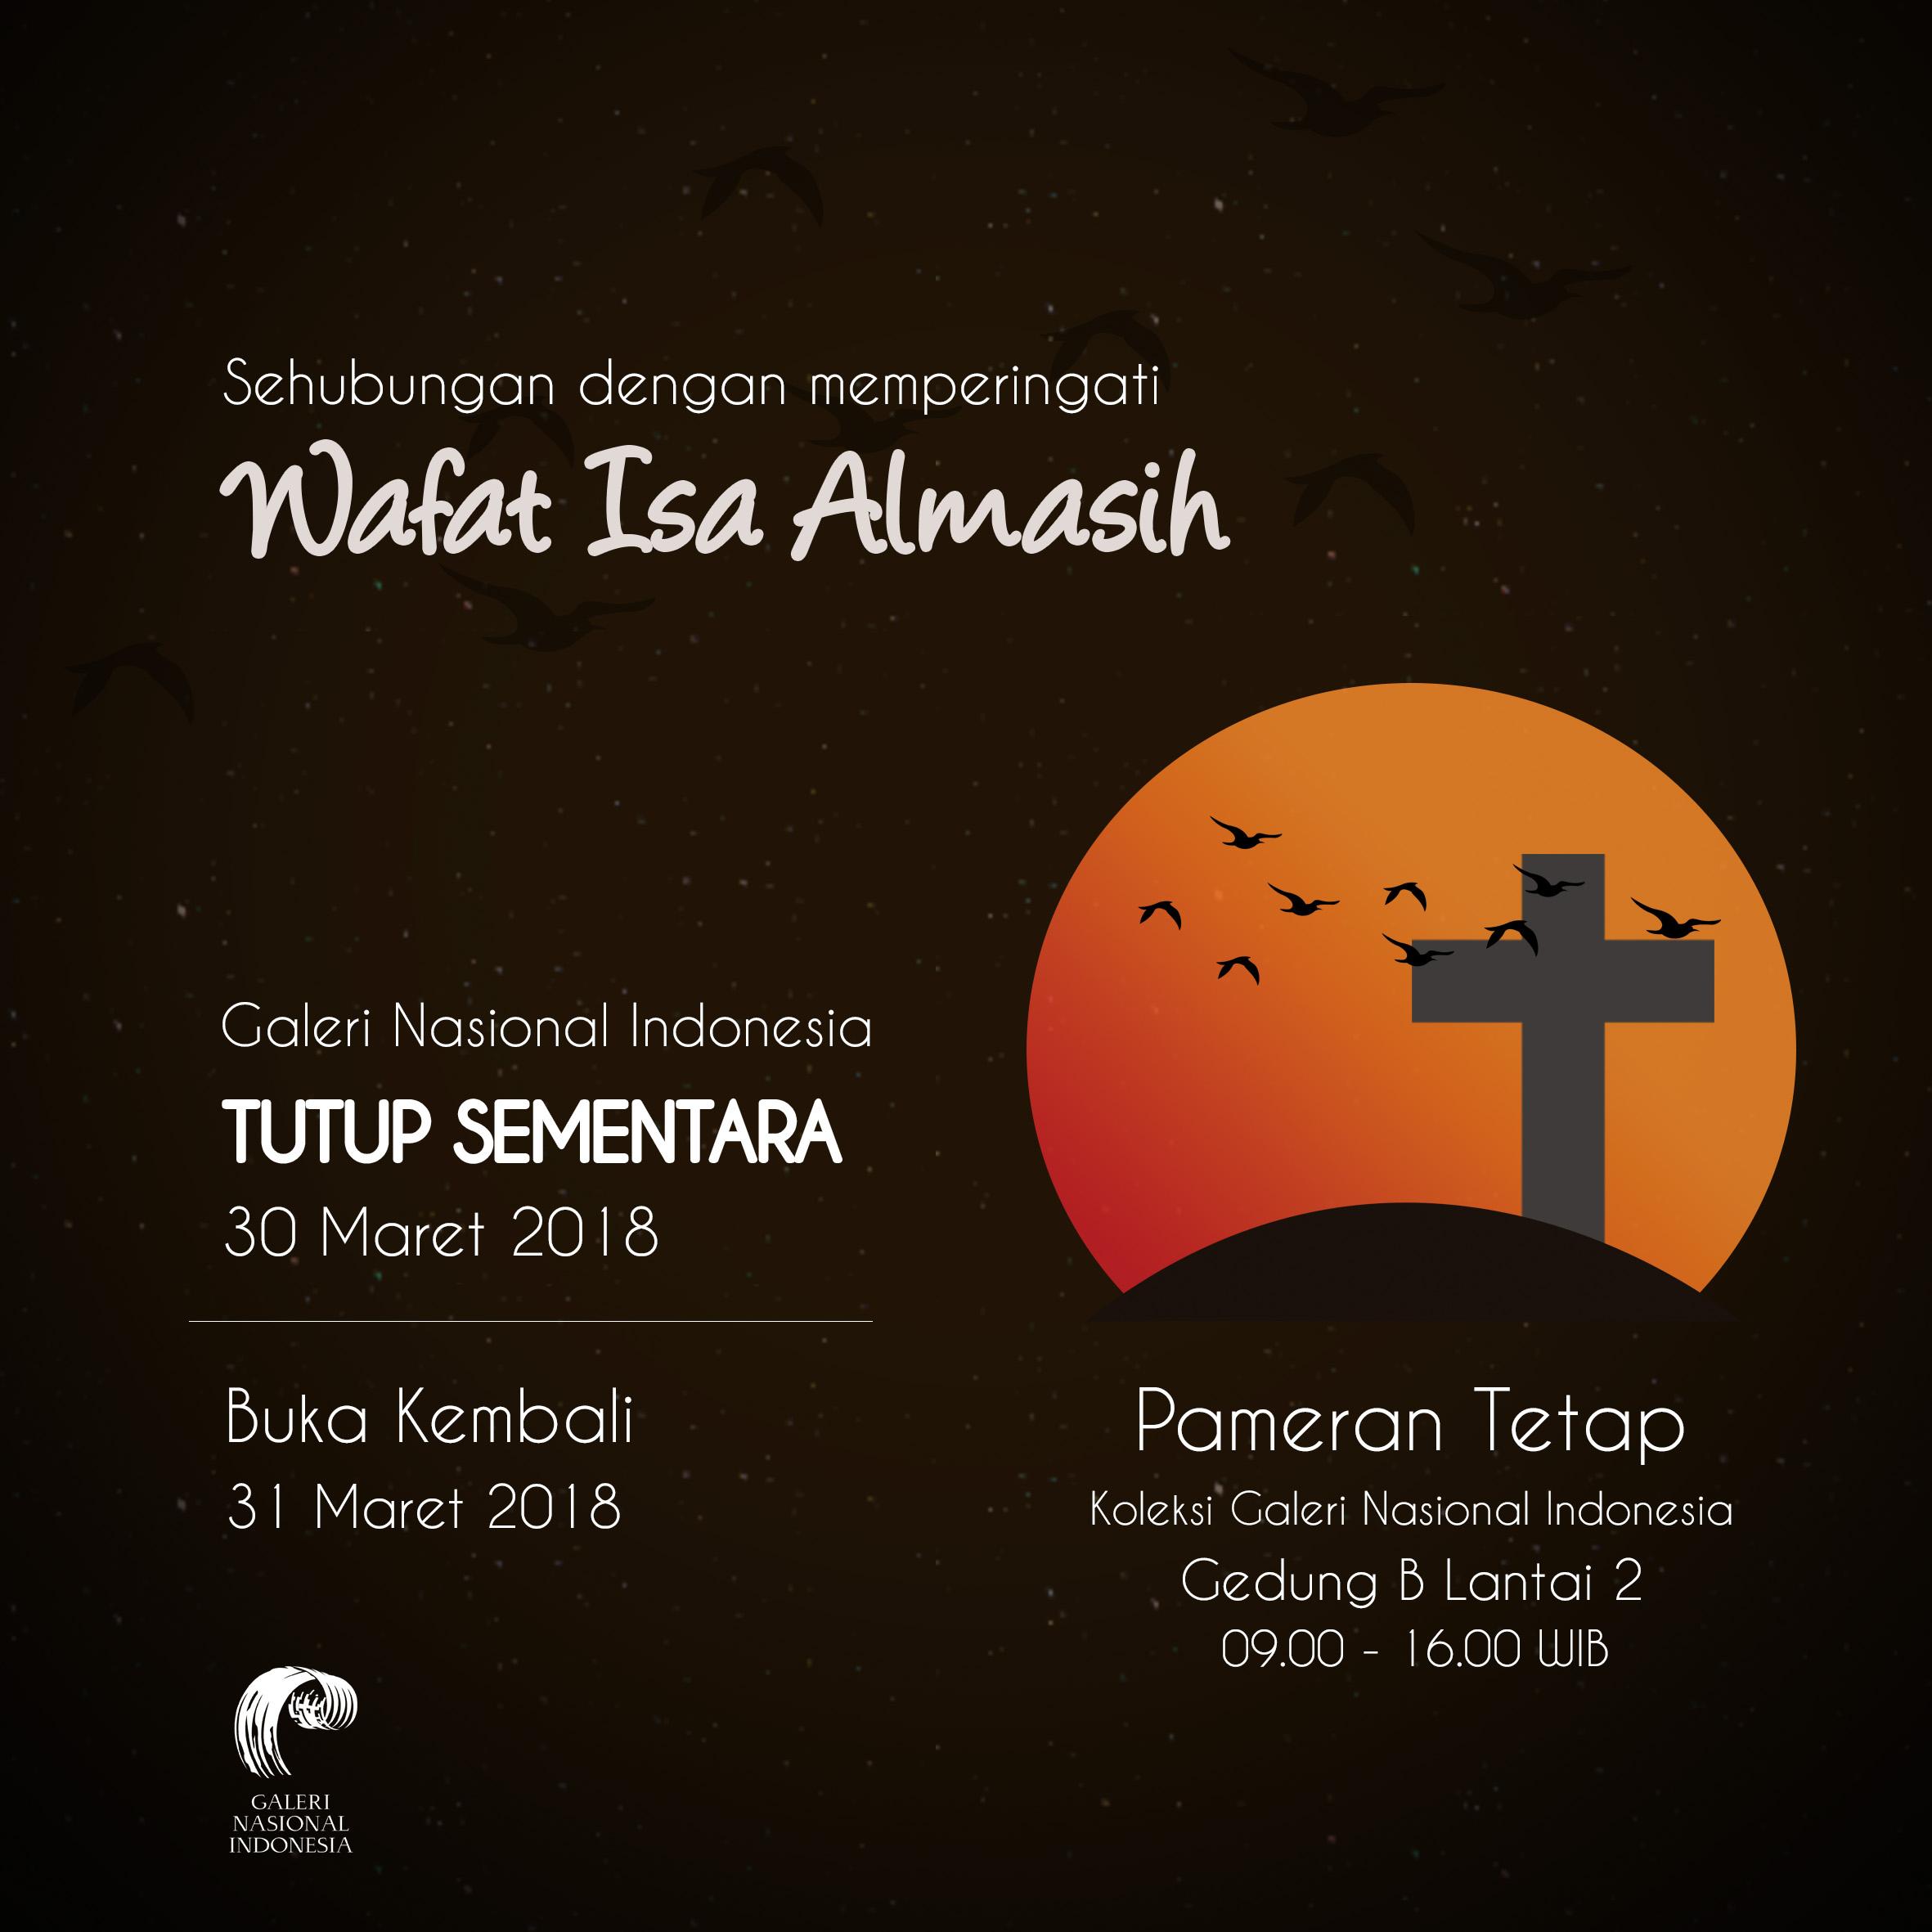 Wafat Isa Almasih 2018 Galeri Nasional Indonesia Tutup Sementara